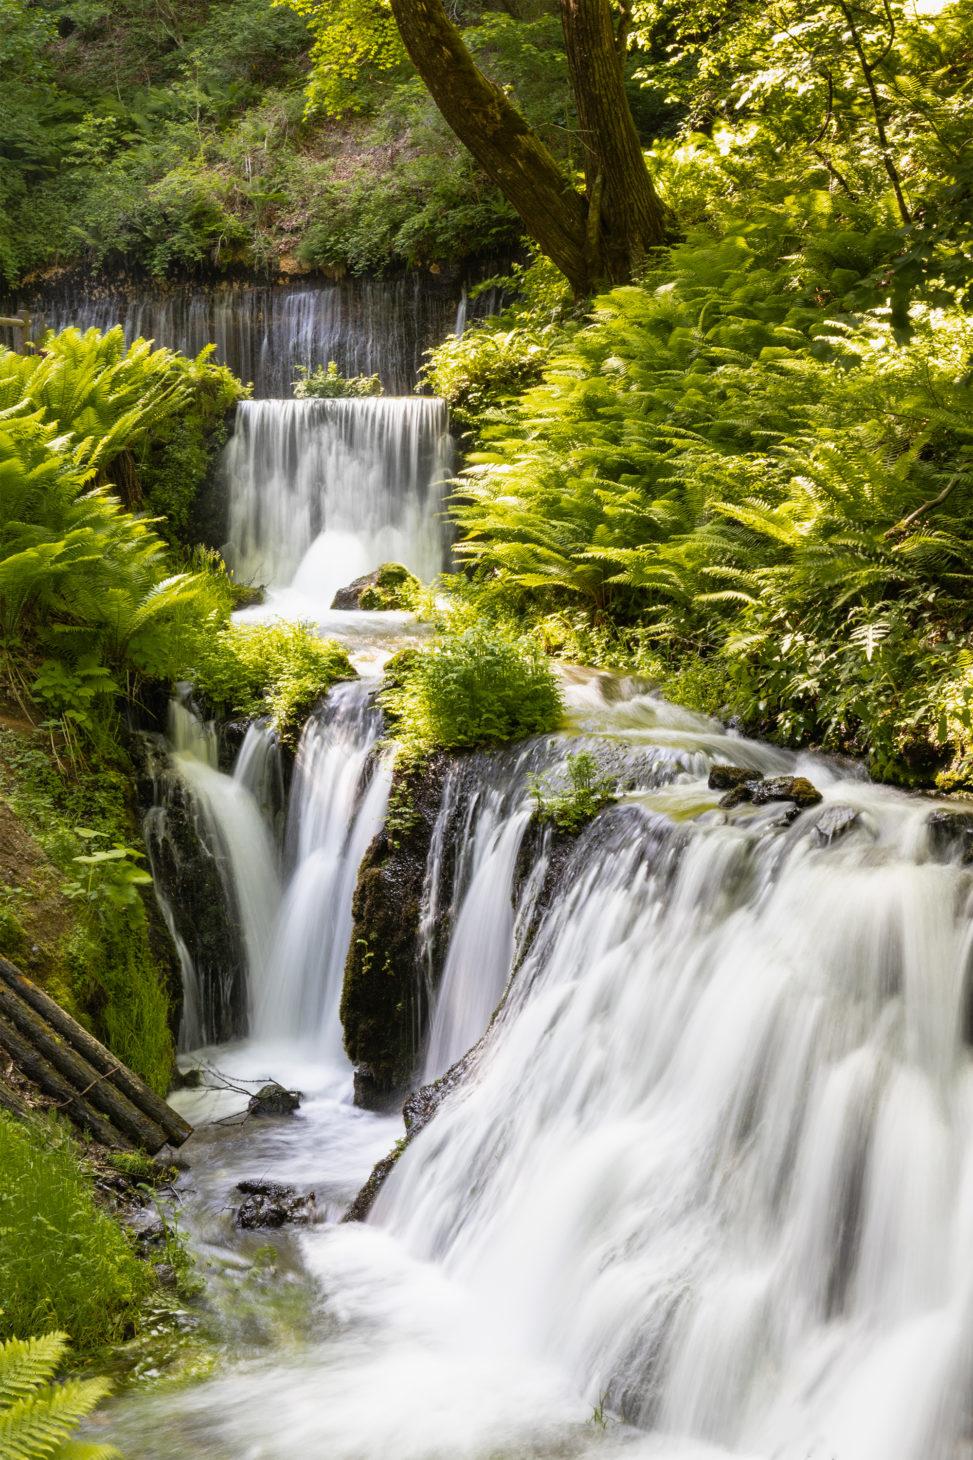 清流の滝のフリー写真素材